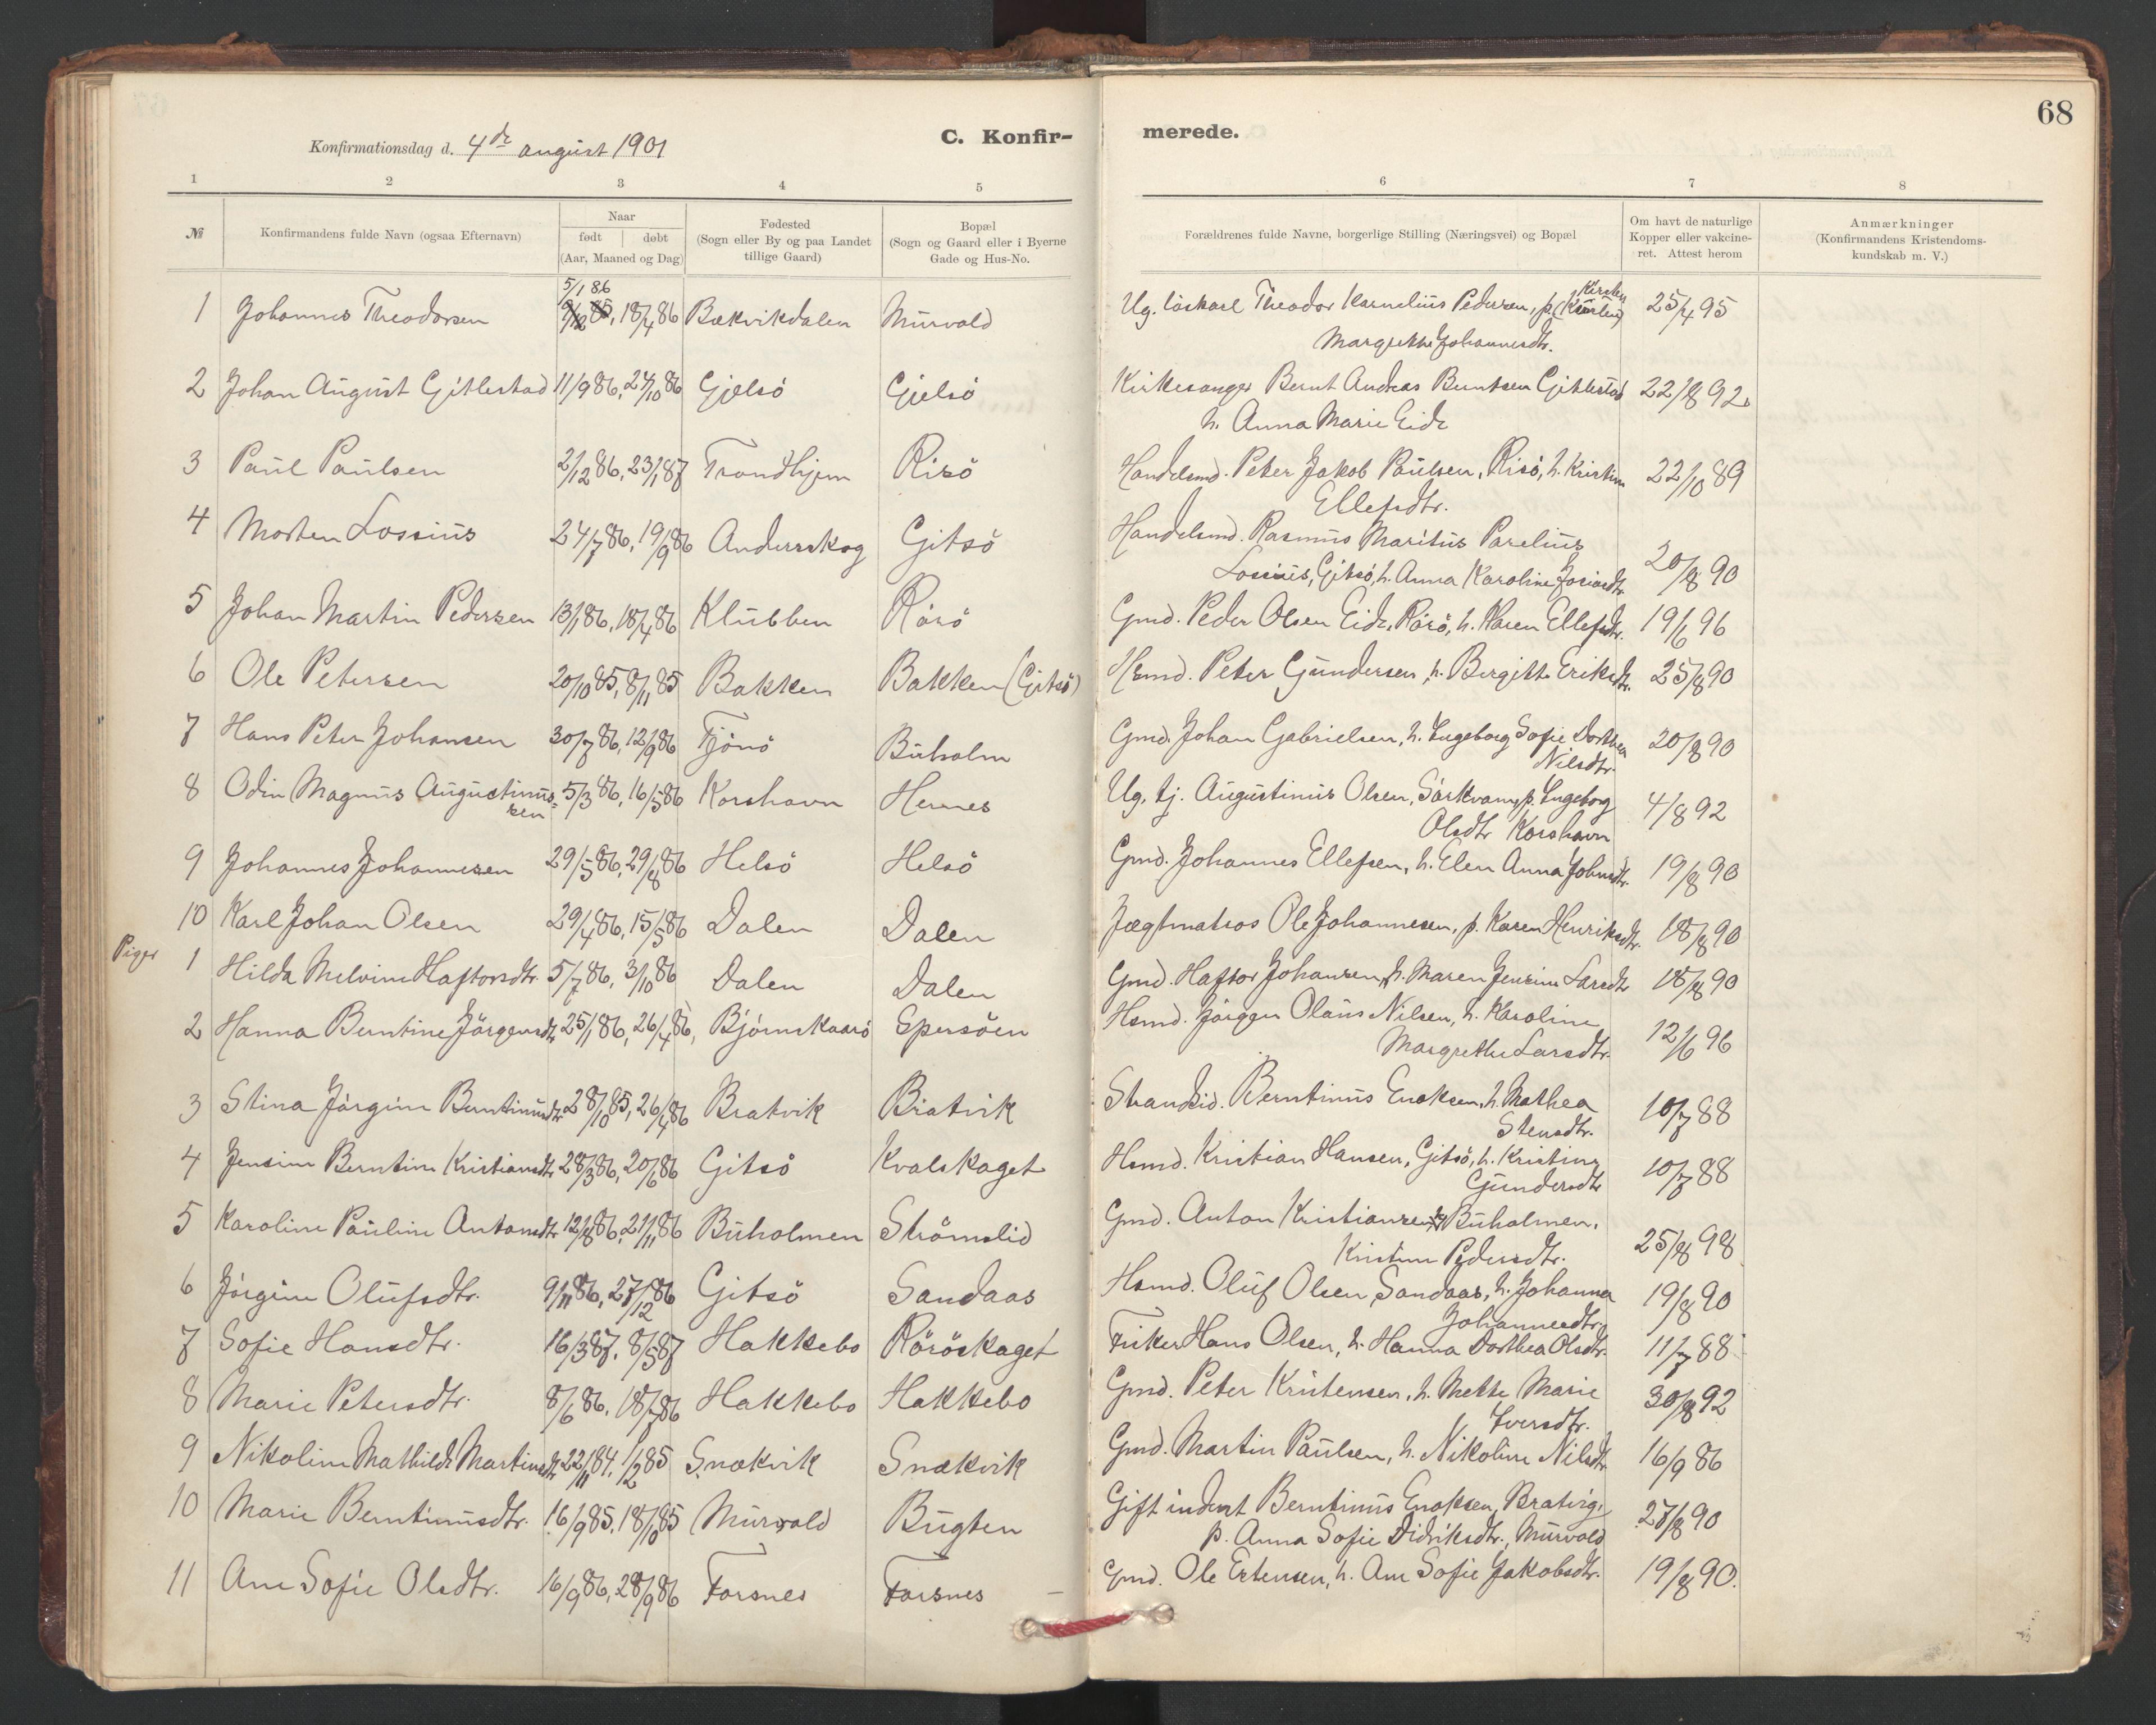 SAT, Ministerialprotokoller, klokkerbøker og fødselsregistre - Sør-Trøndelag, 635/L0552: Ministerialbok nr. 635A02, 1899-1919, s. 68